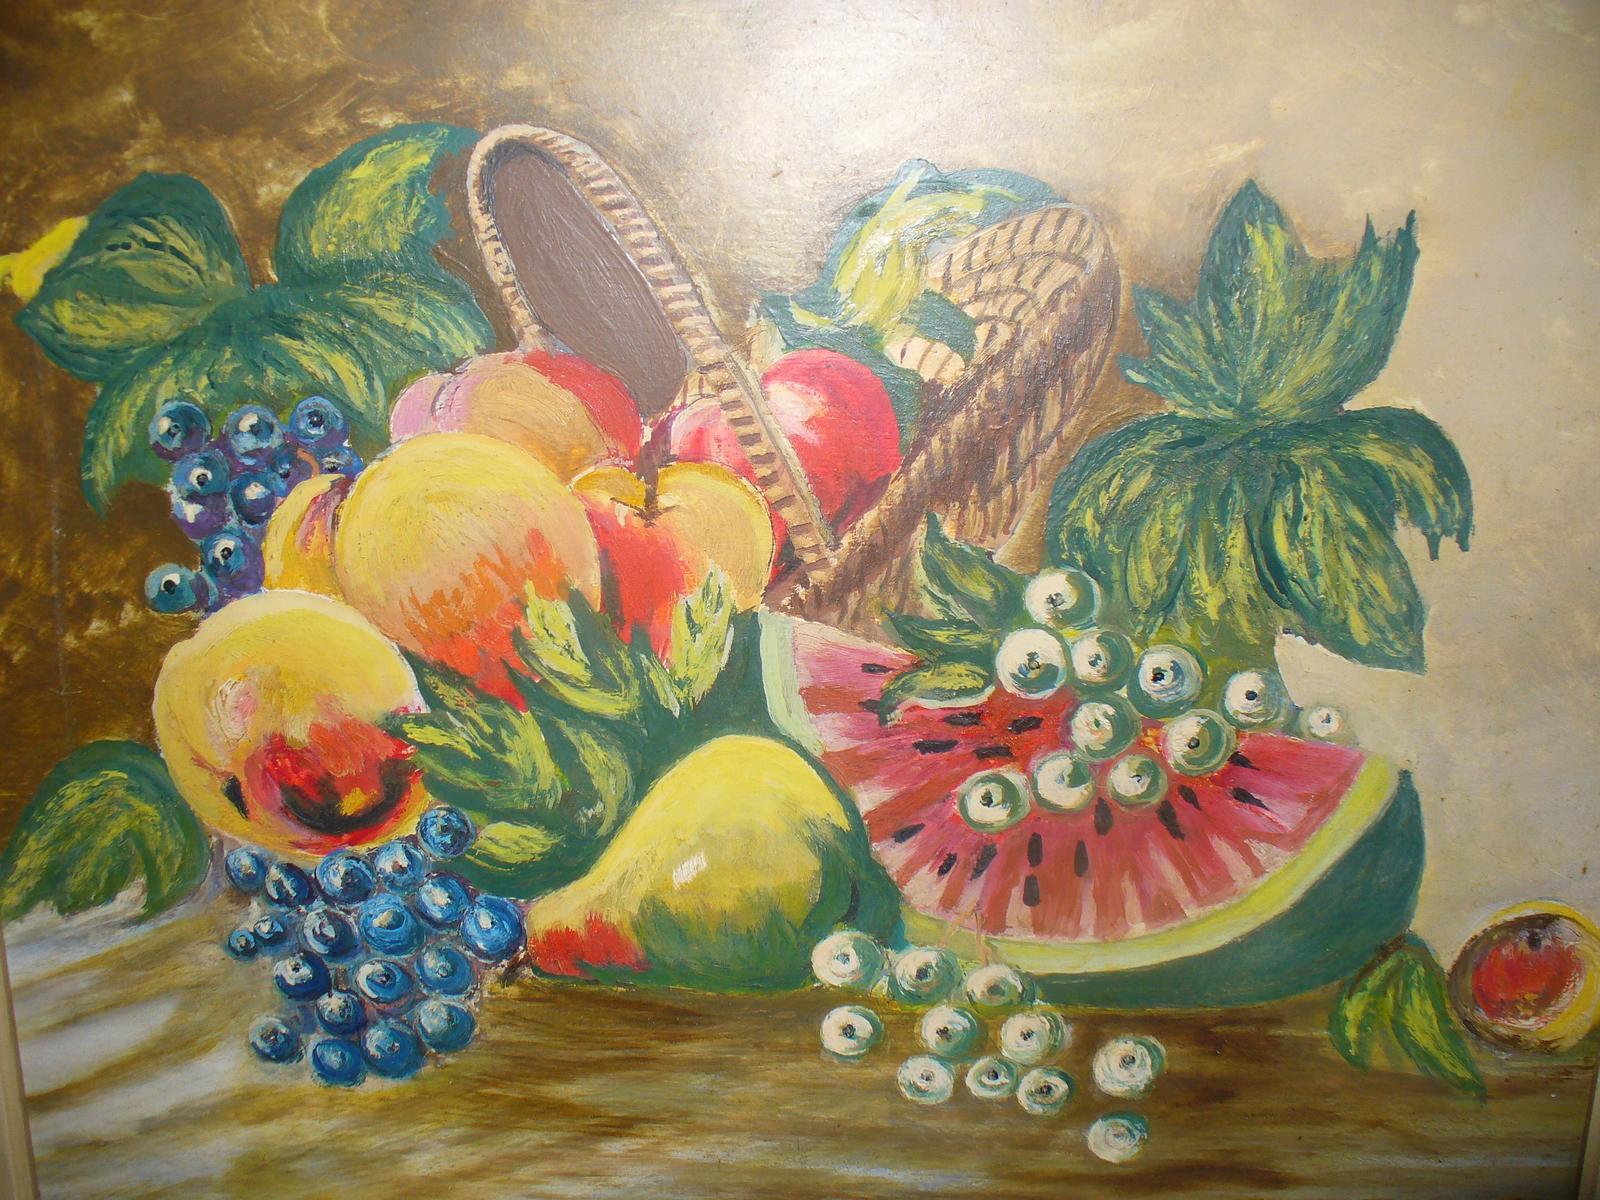 Maľovaný obraz. - Obrázok č. 1